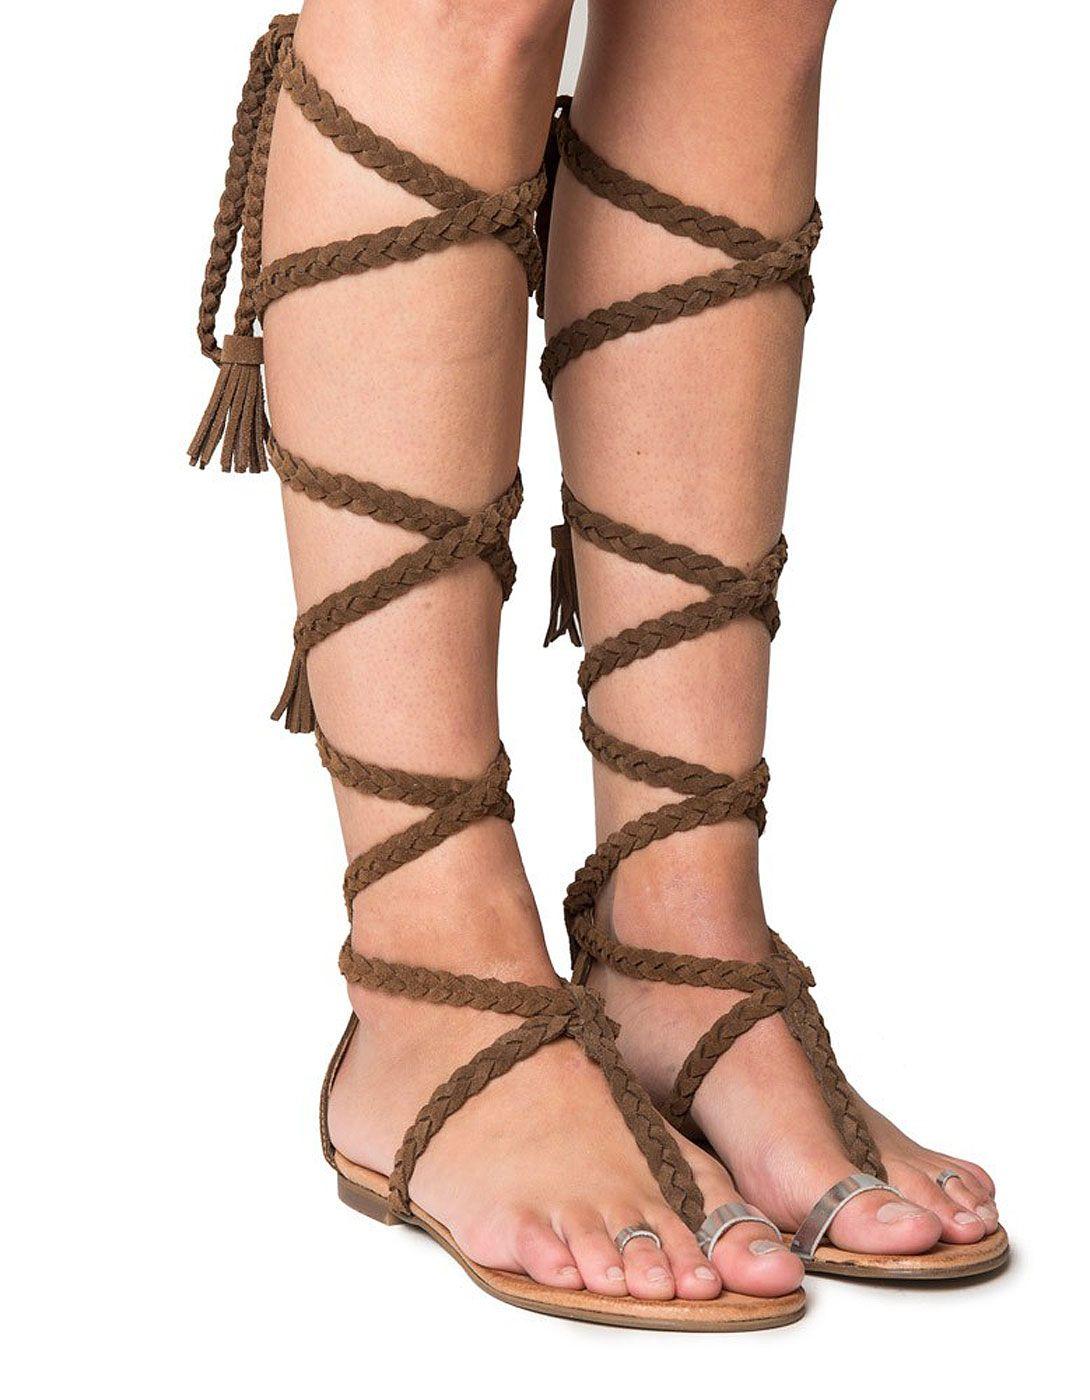 02e7c738 Sandalias romanas boho de Layer Boots TALLOW RINGS | variado ...